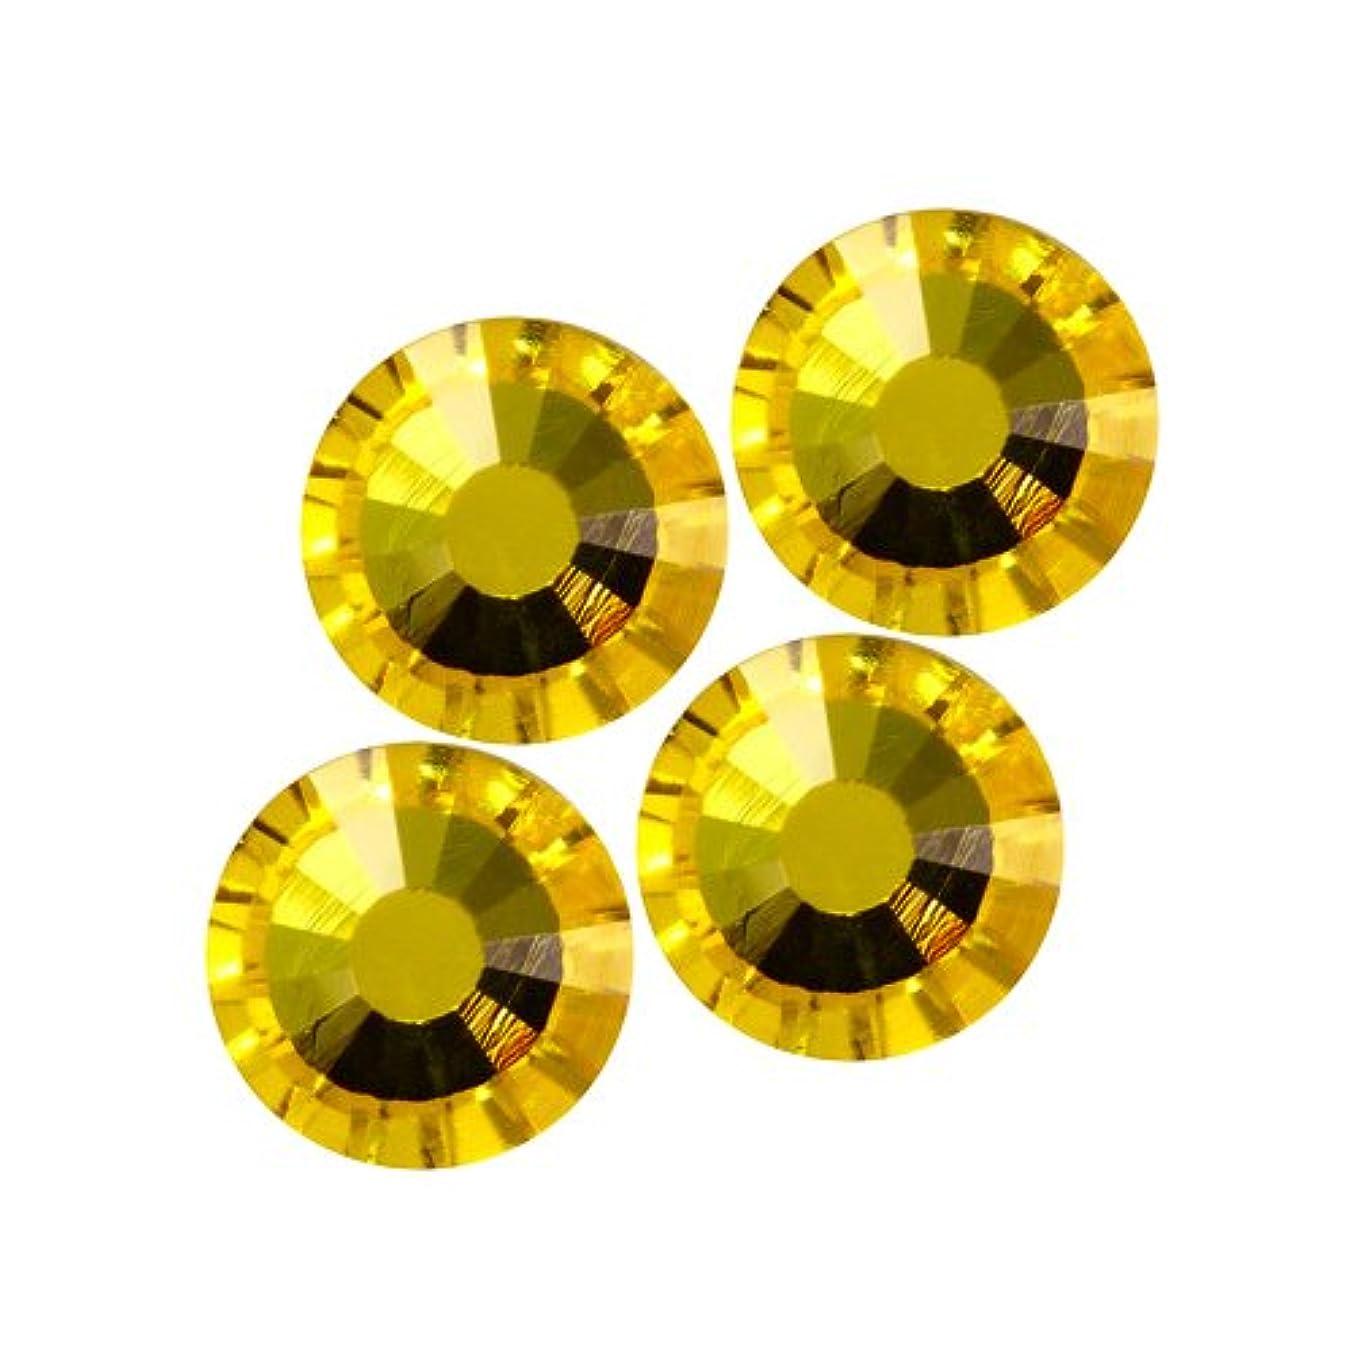 バイナル DIAMOND RHINESTONE シトリンSS6 1440粒 ST-SS6-CIT-10G